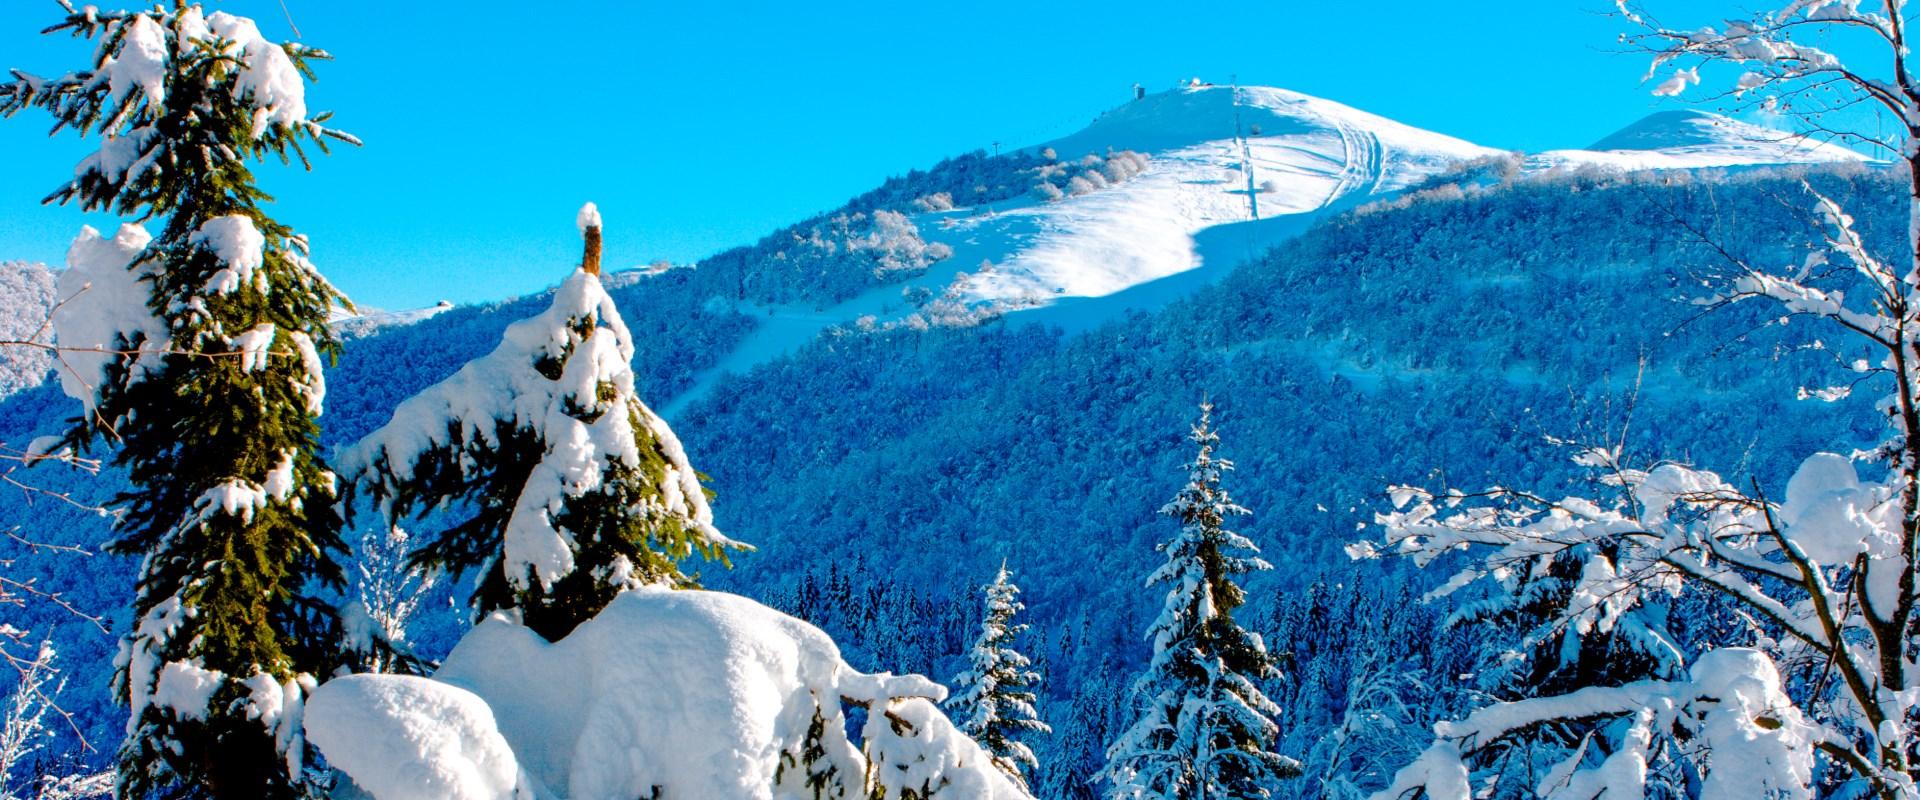 alberi neve 1920x800